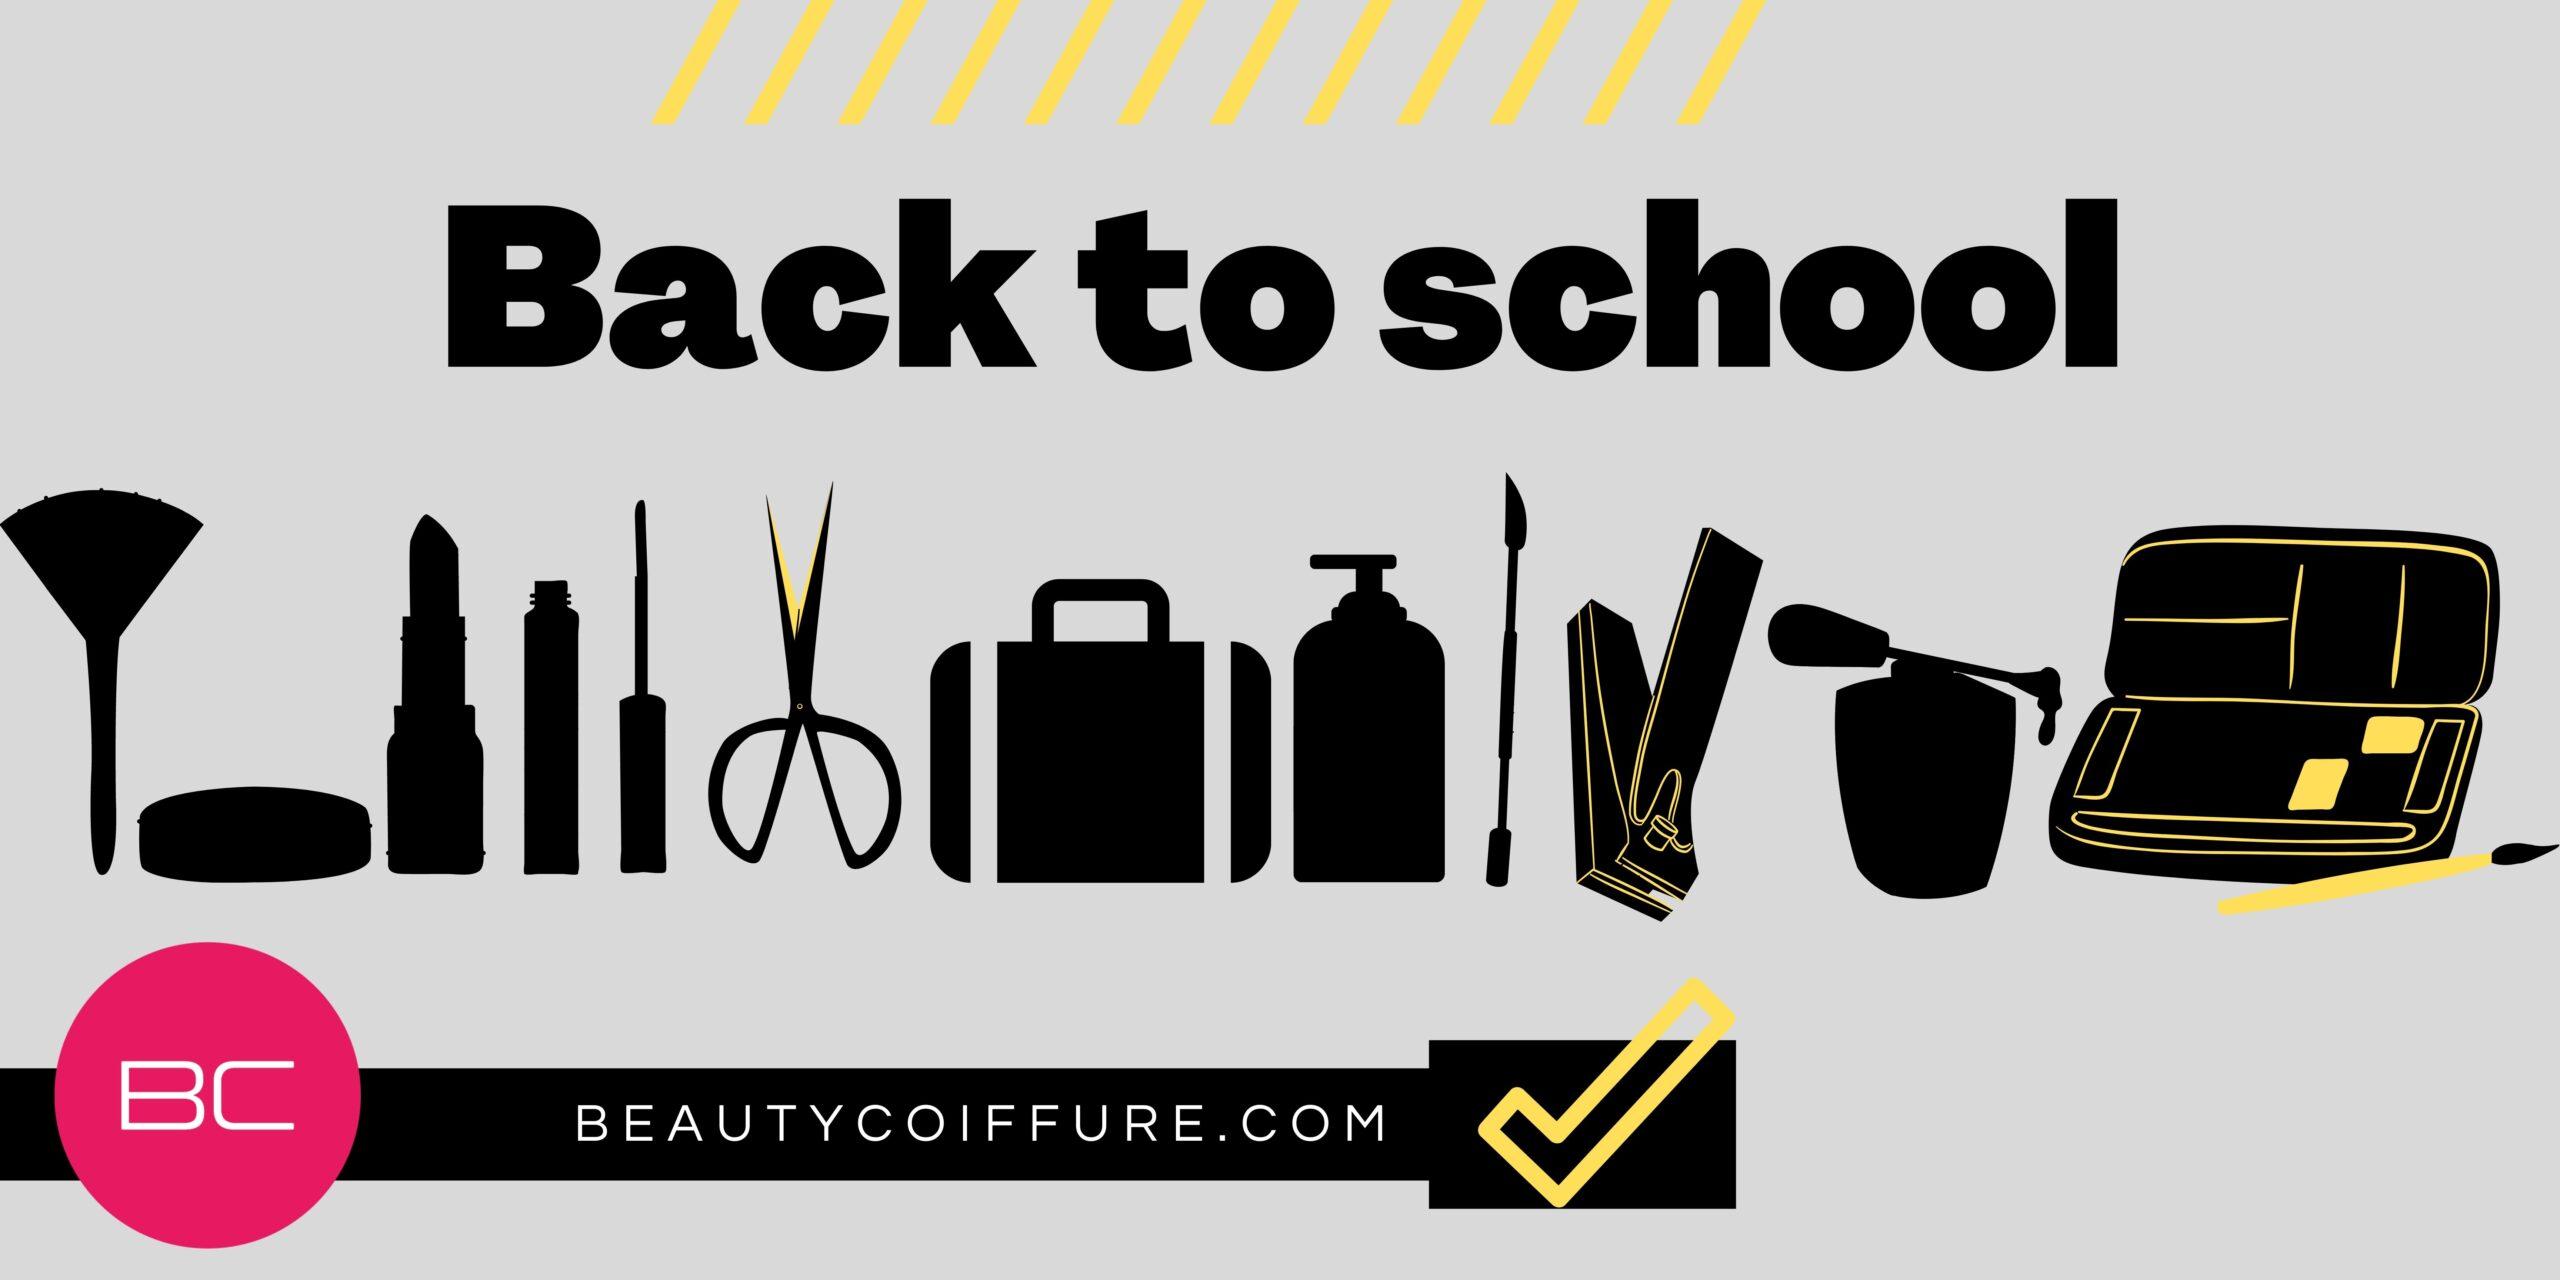 La sélection Back to school sur Beauty Coiffure